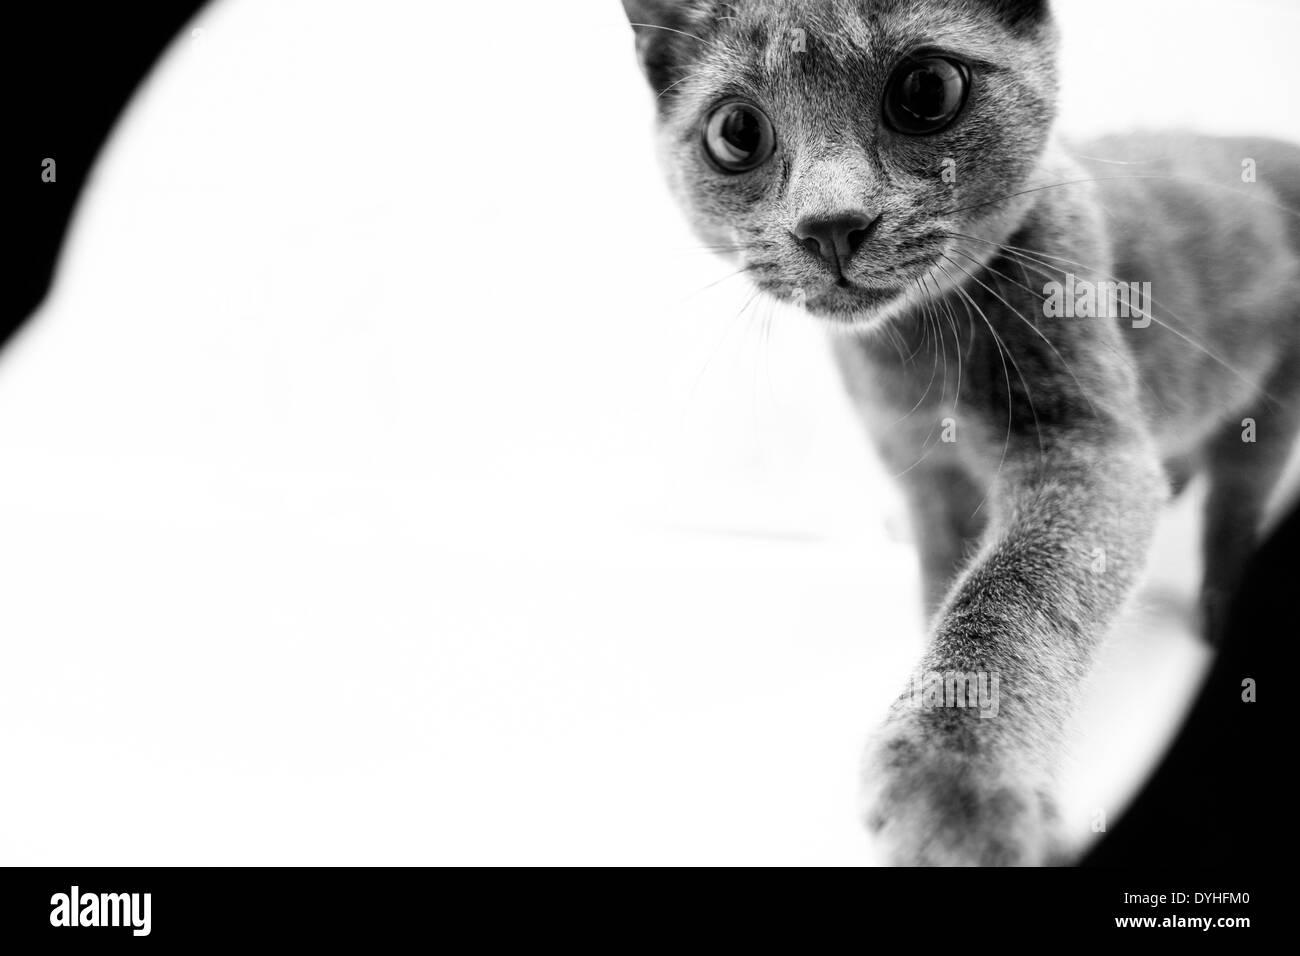 Un gatto grigio in uno sfondo bianco Immagini Stock